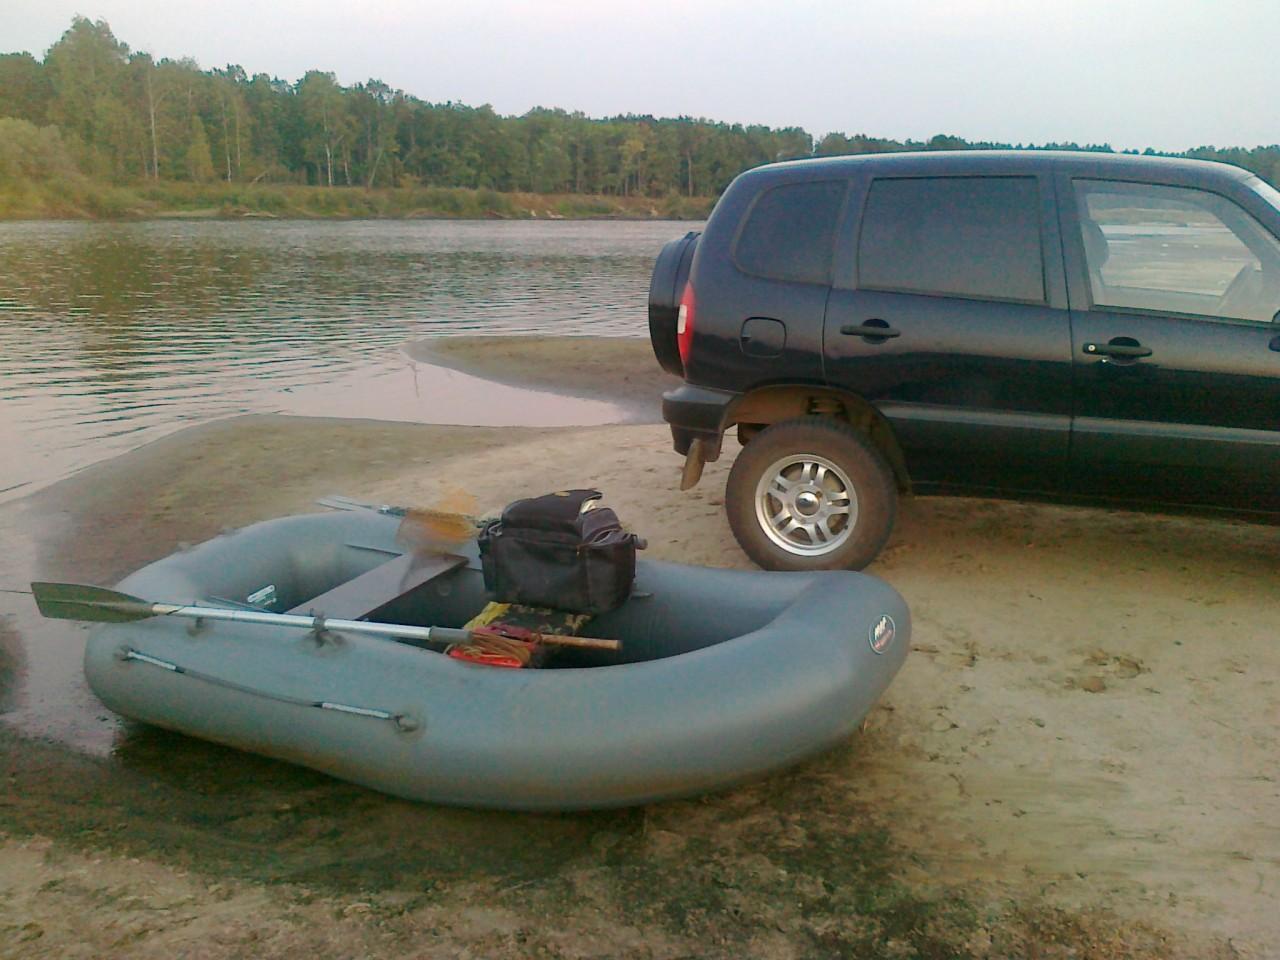 Надо регистрировать лодку грузоподъемностью 250 кг